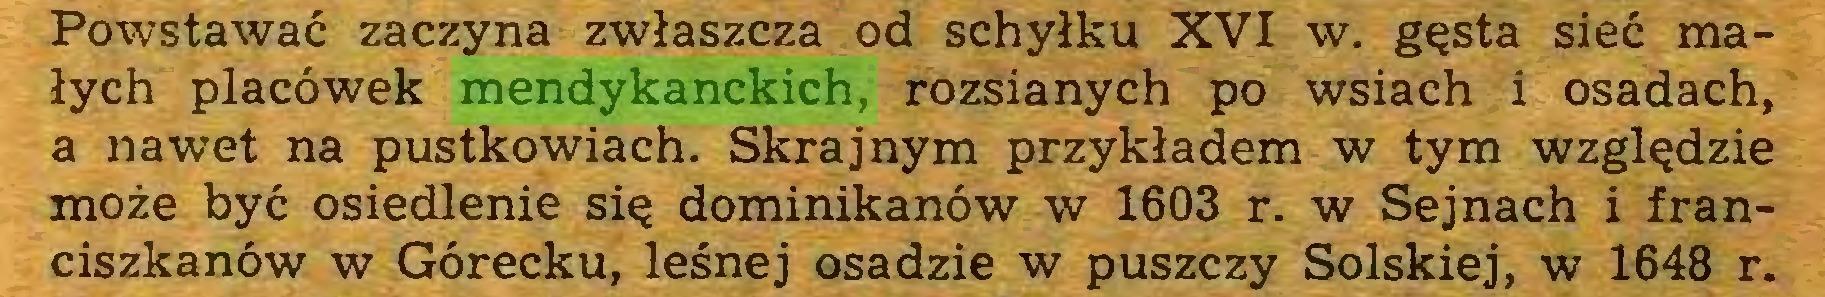 (...) Powstawać zaczyna zwłaszcza od schyłku XVI w. gęsta sieć małych placówek mendykanckich, rozsianych po wsiach i osadach, a nawet na pustkowiach. Skrajnym przykładem w tym względzie może być osiedlenie się dominikanów w 1603 r. w Sejnach i franciszkanów w Górecku, leśnej osadzie w puszczy Solskiej, w 1648 r...